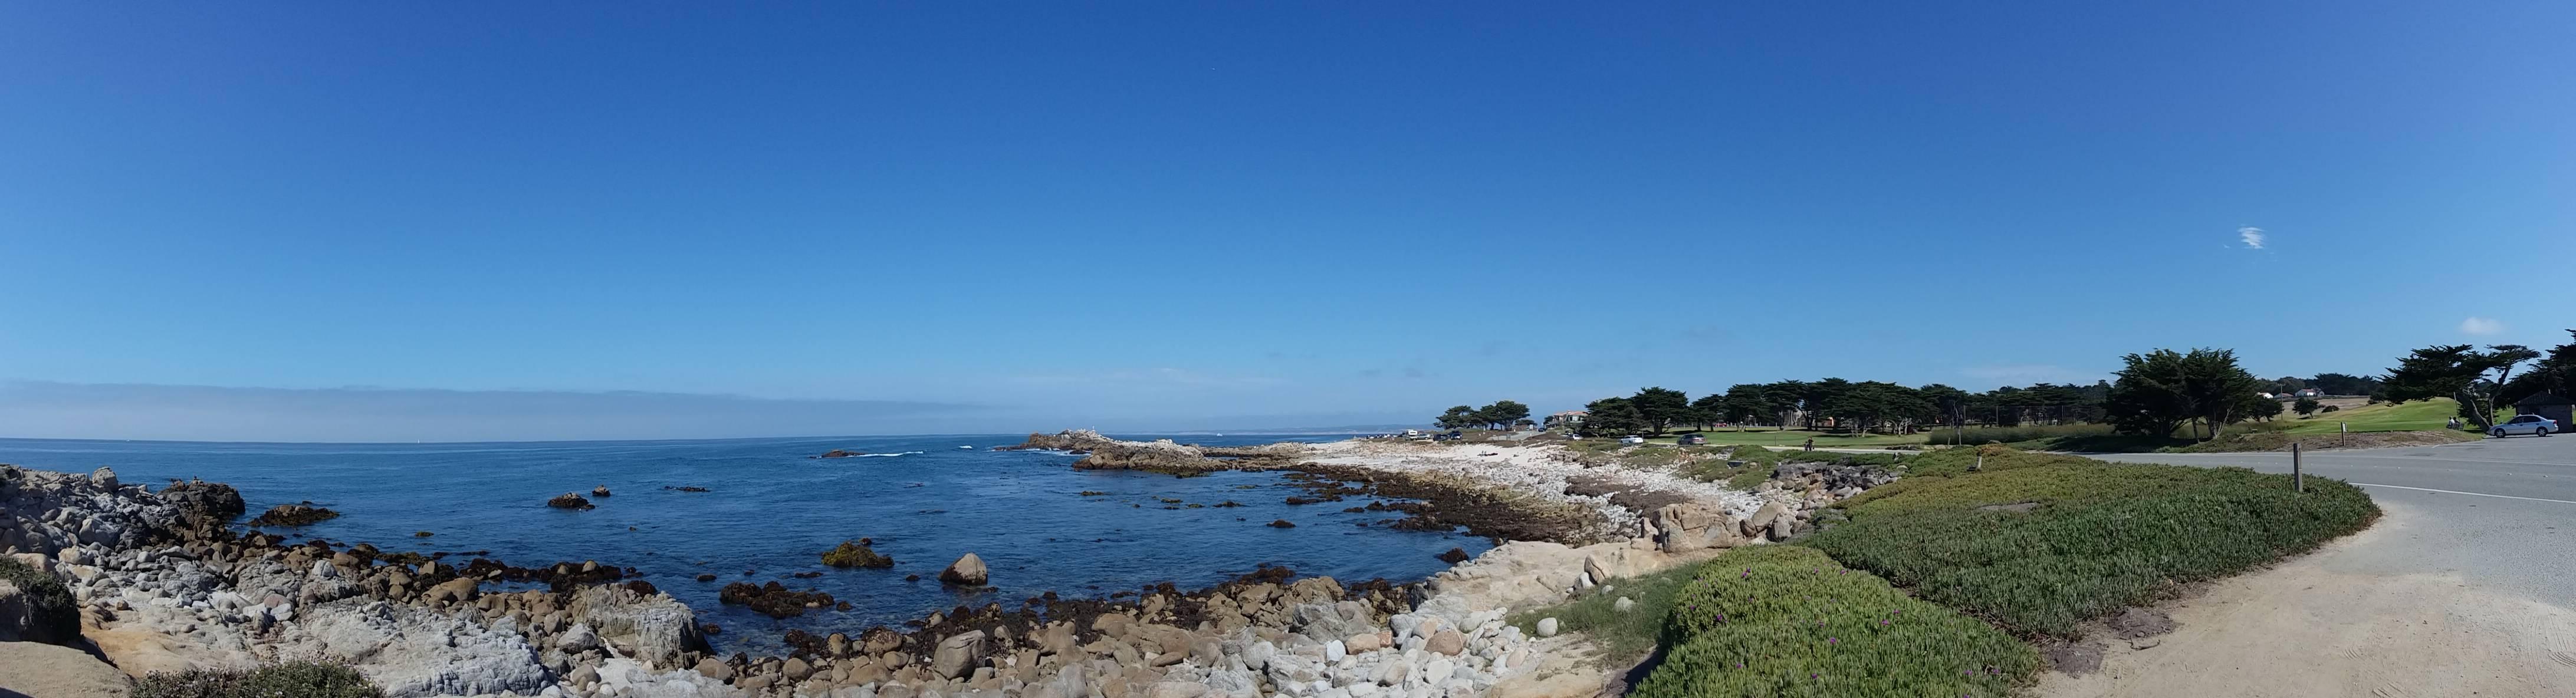 Photo 2: 17 mile drive - De Monterey vers Carmel